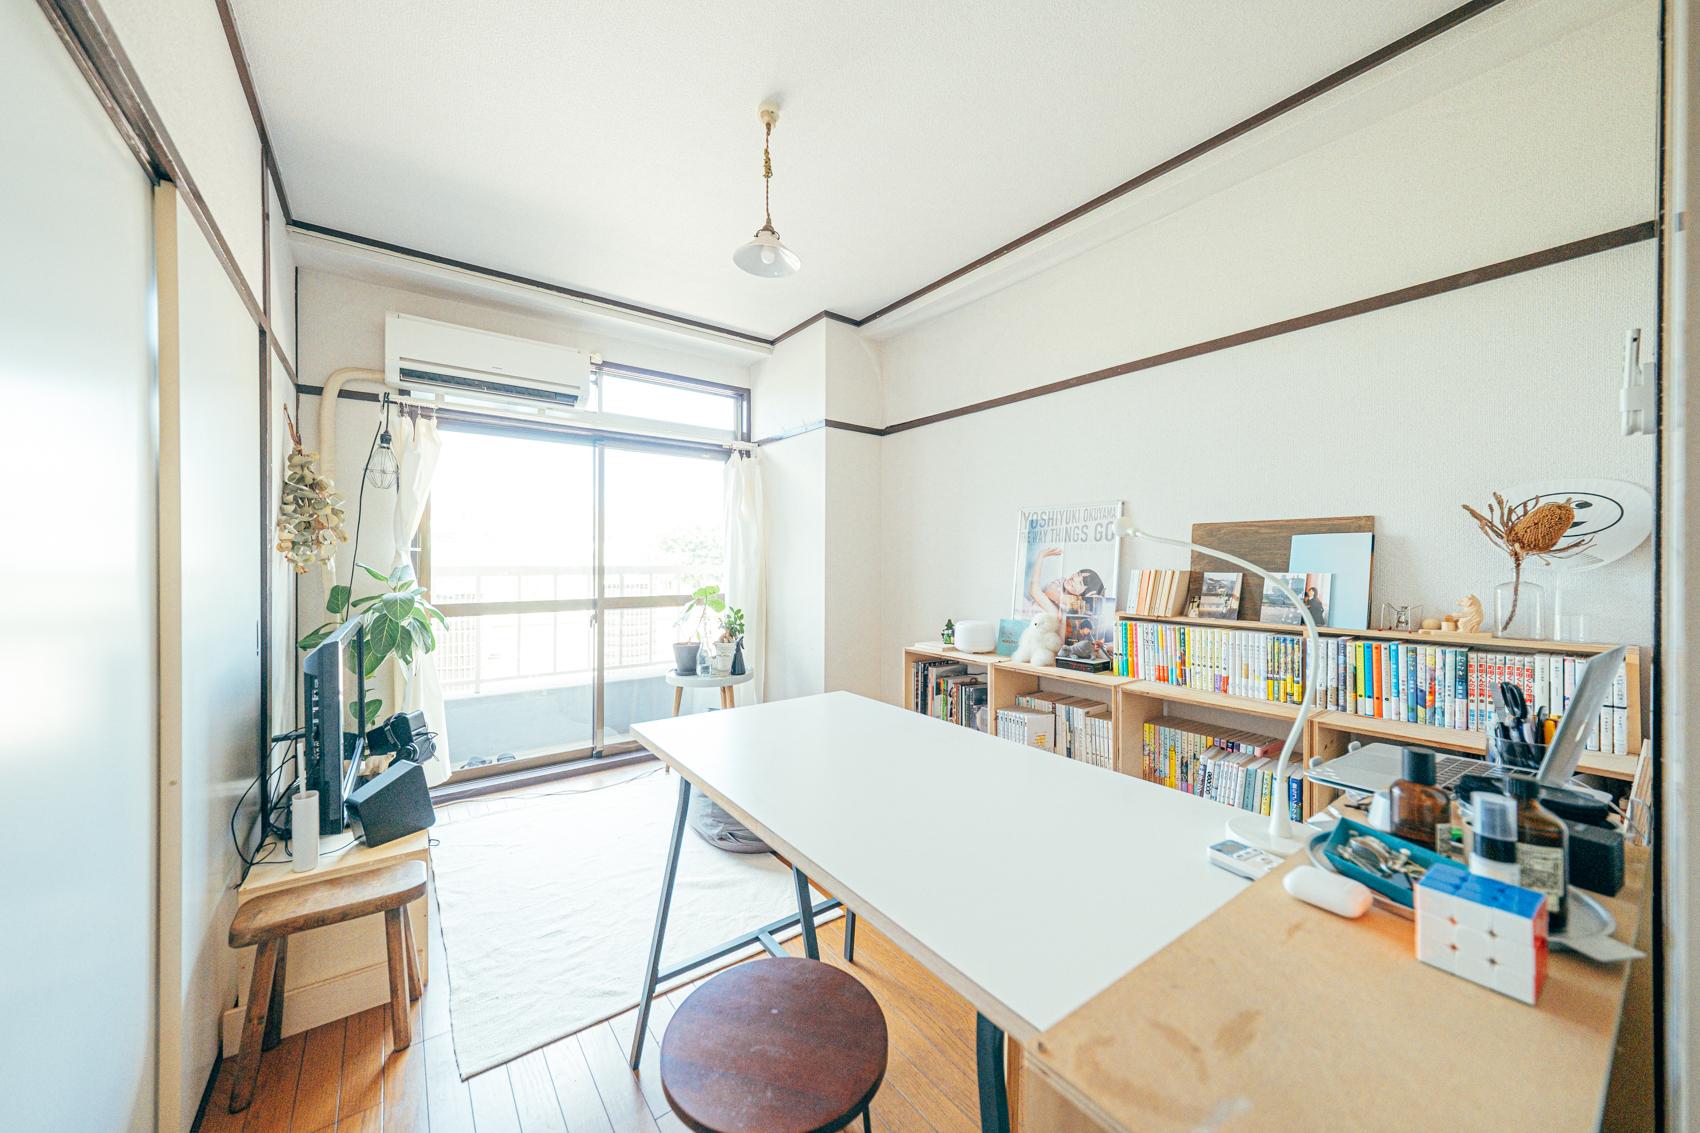 リビングは壁一面の本棚が広がる、リラックススペース兼ダイニングスペース。パソコン作業などはこのダイニングテーブルで行っています。以前住んでいたところよりもぐんと広くなった分、大好きなインテリアを楽しめるようになったのだそう。